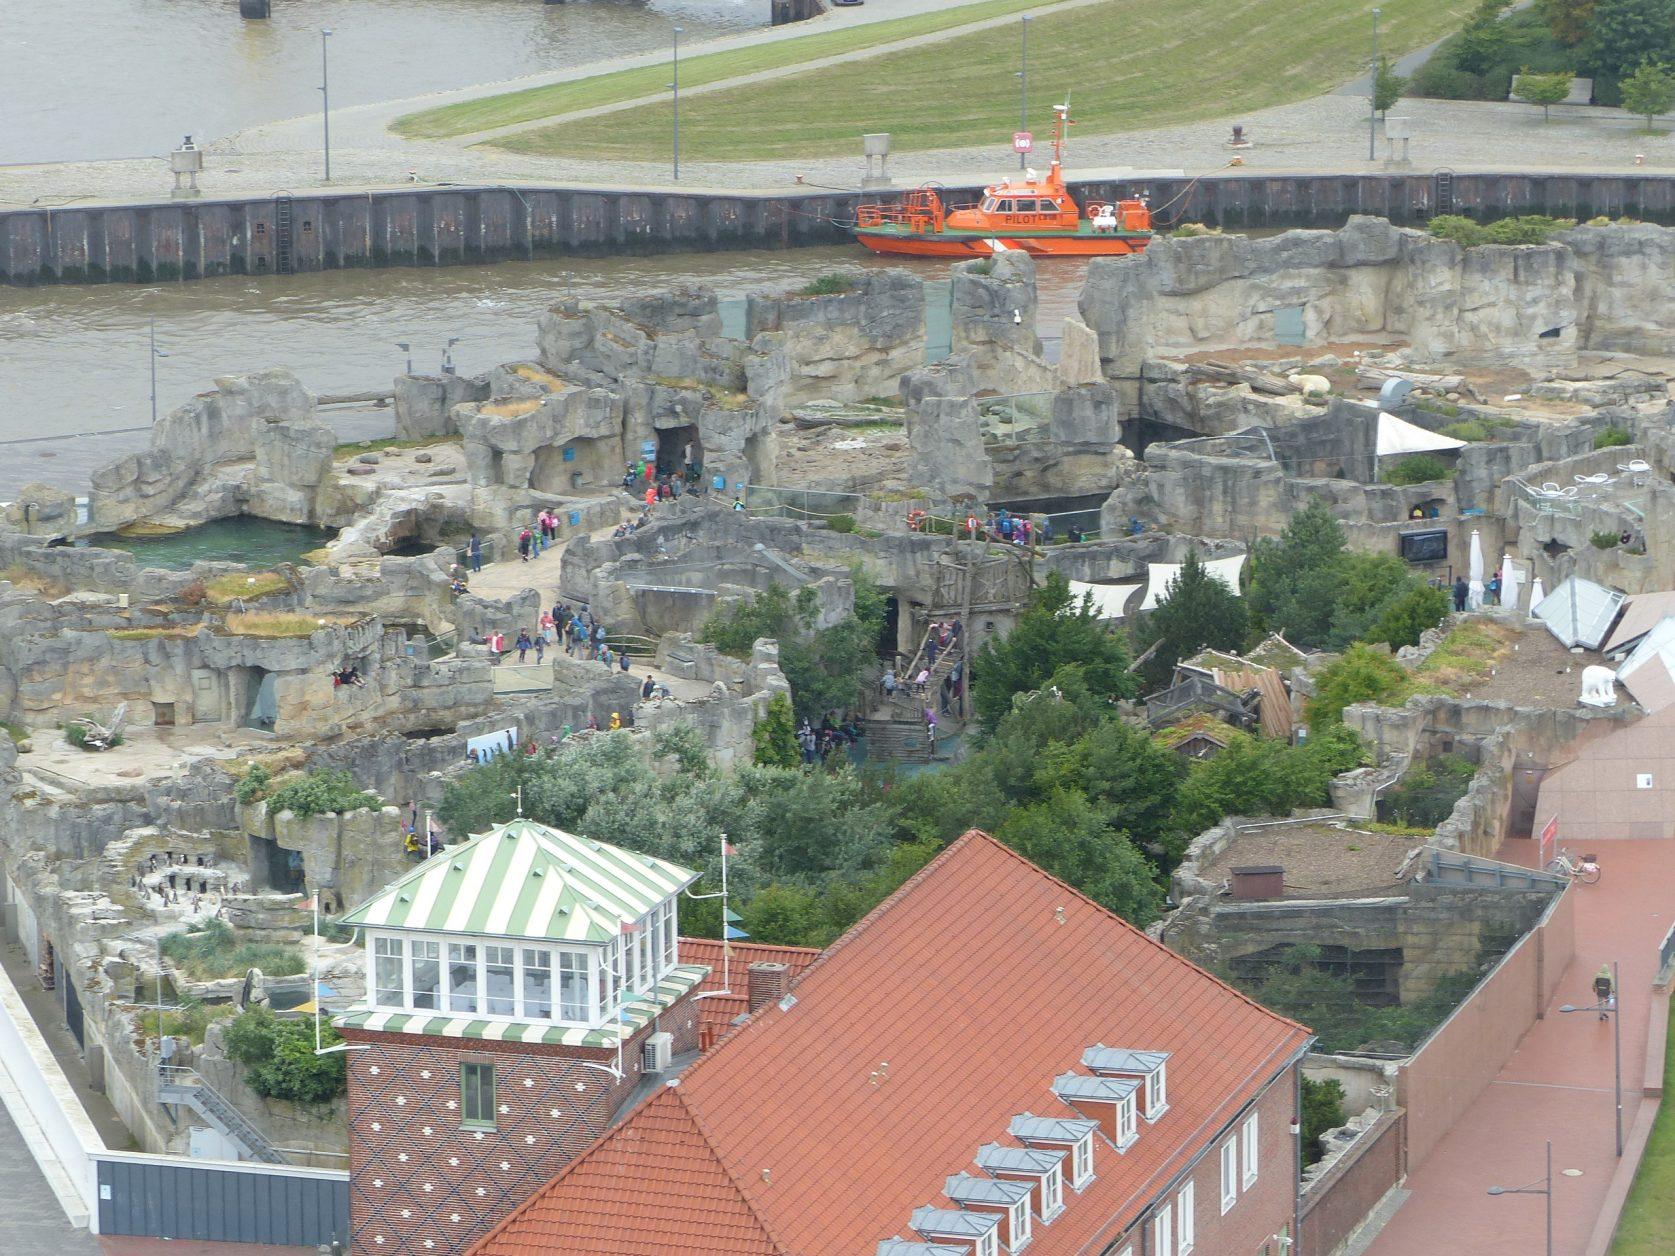 Blick auf den Zoo gegenüber von the liberty Foto: Weirauch